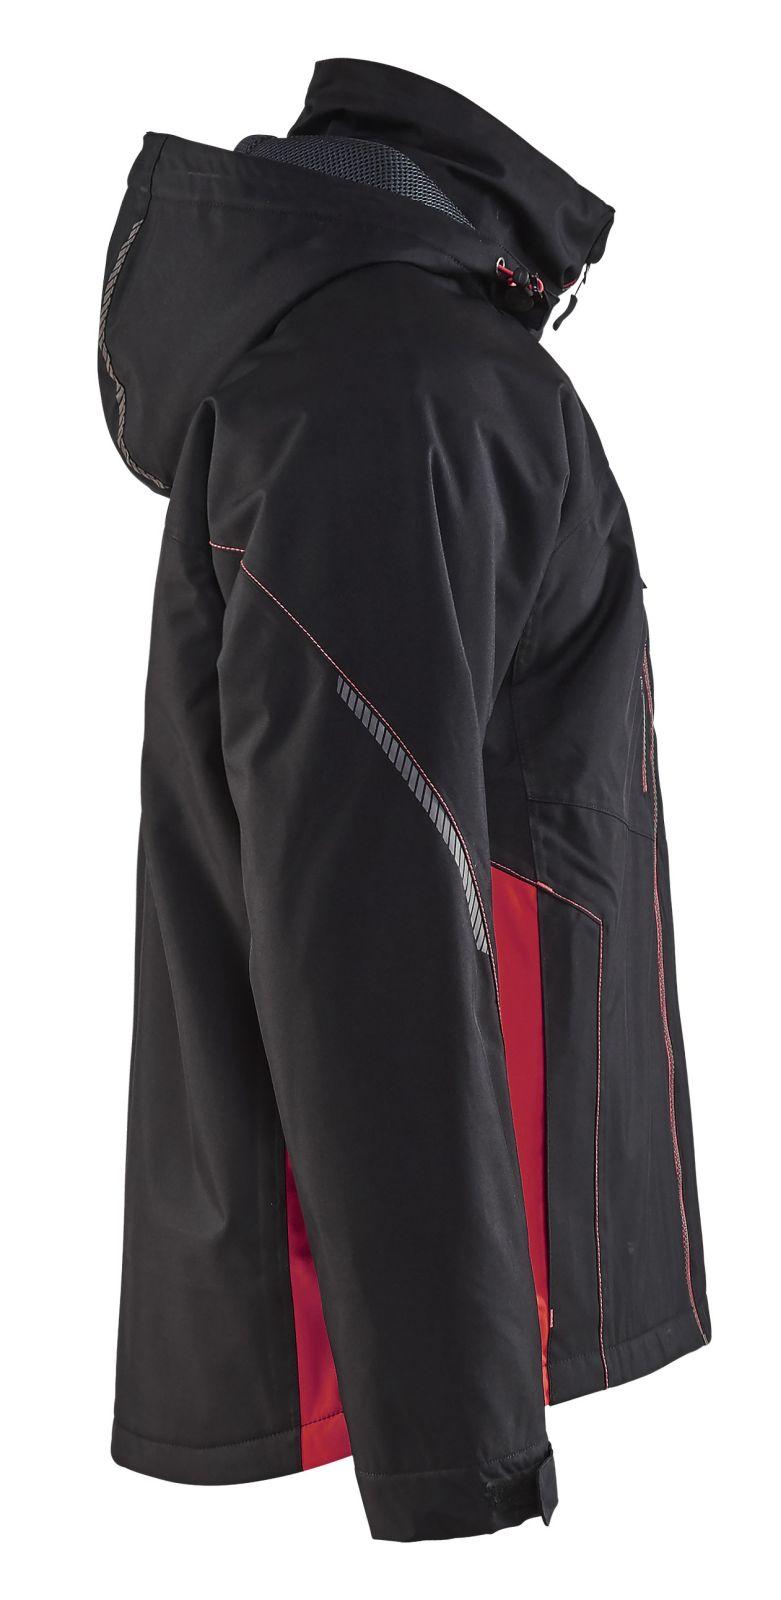 Blaklader Jassen 47901977 zwart-rood(9956)